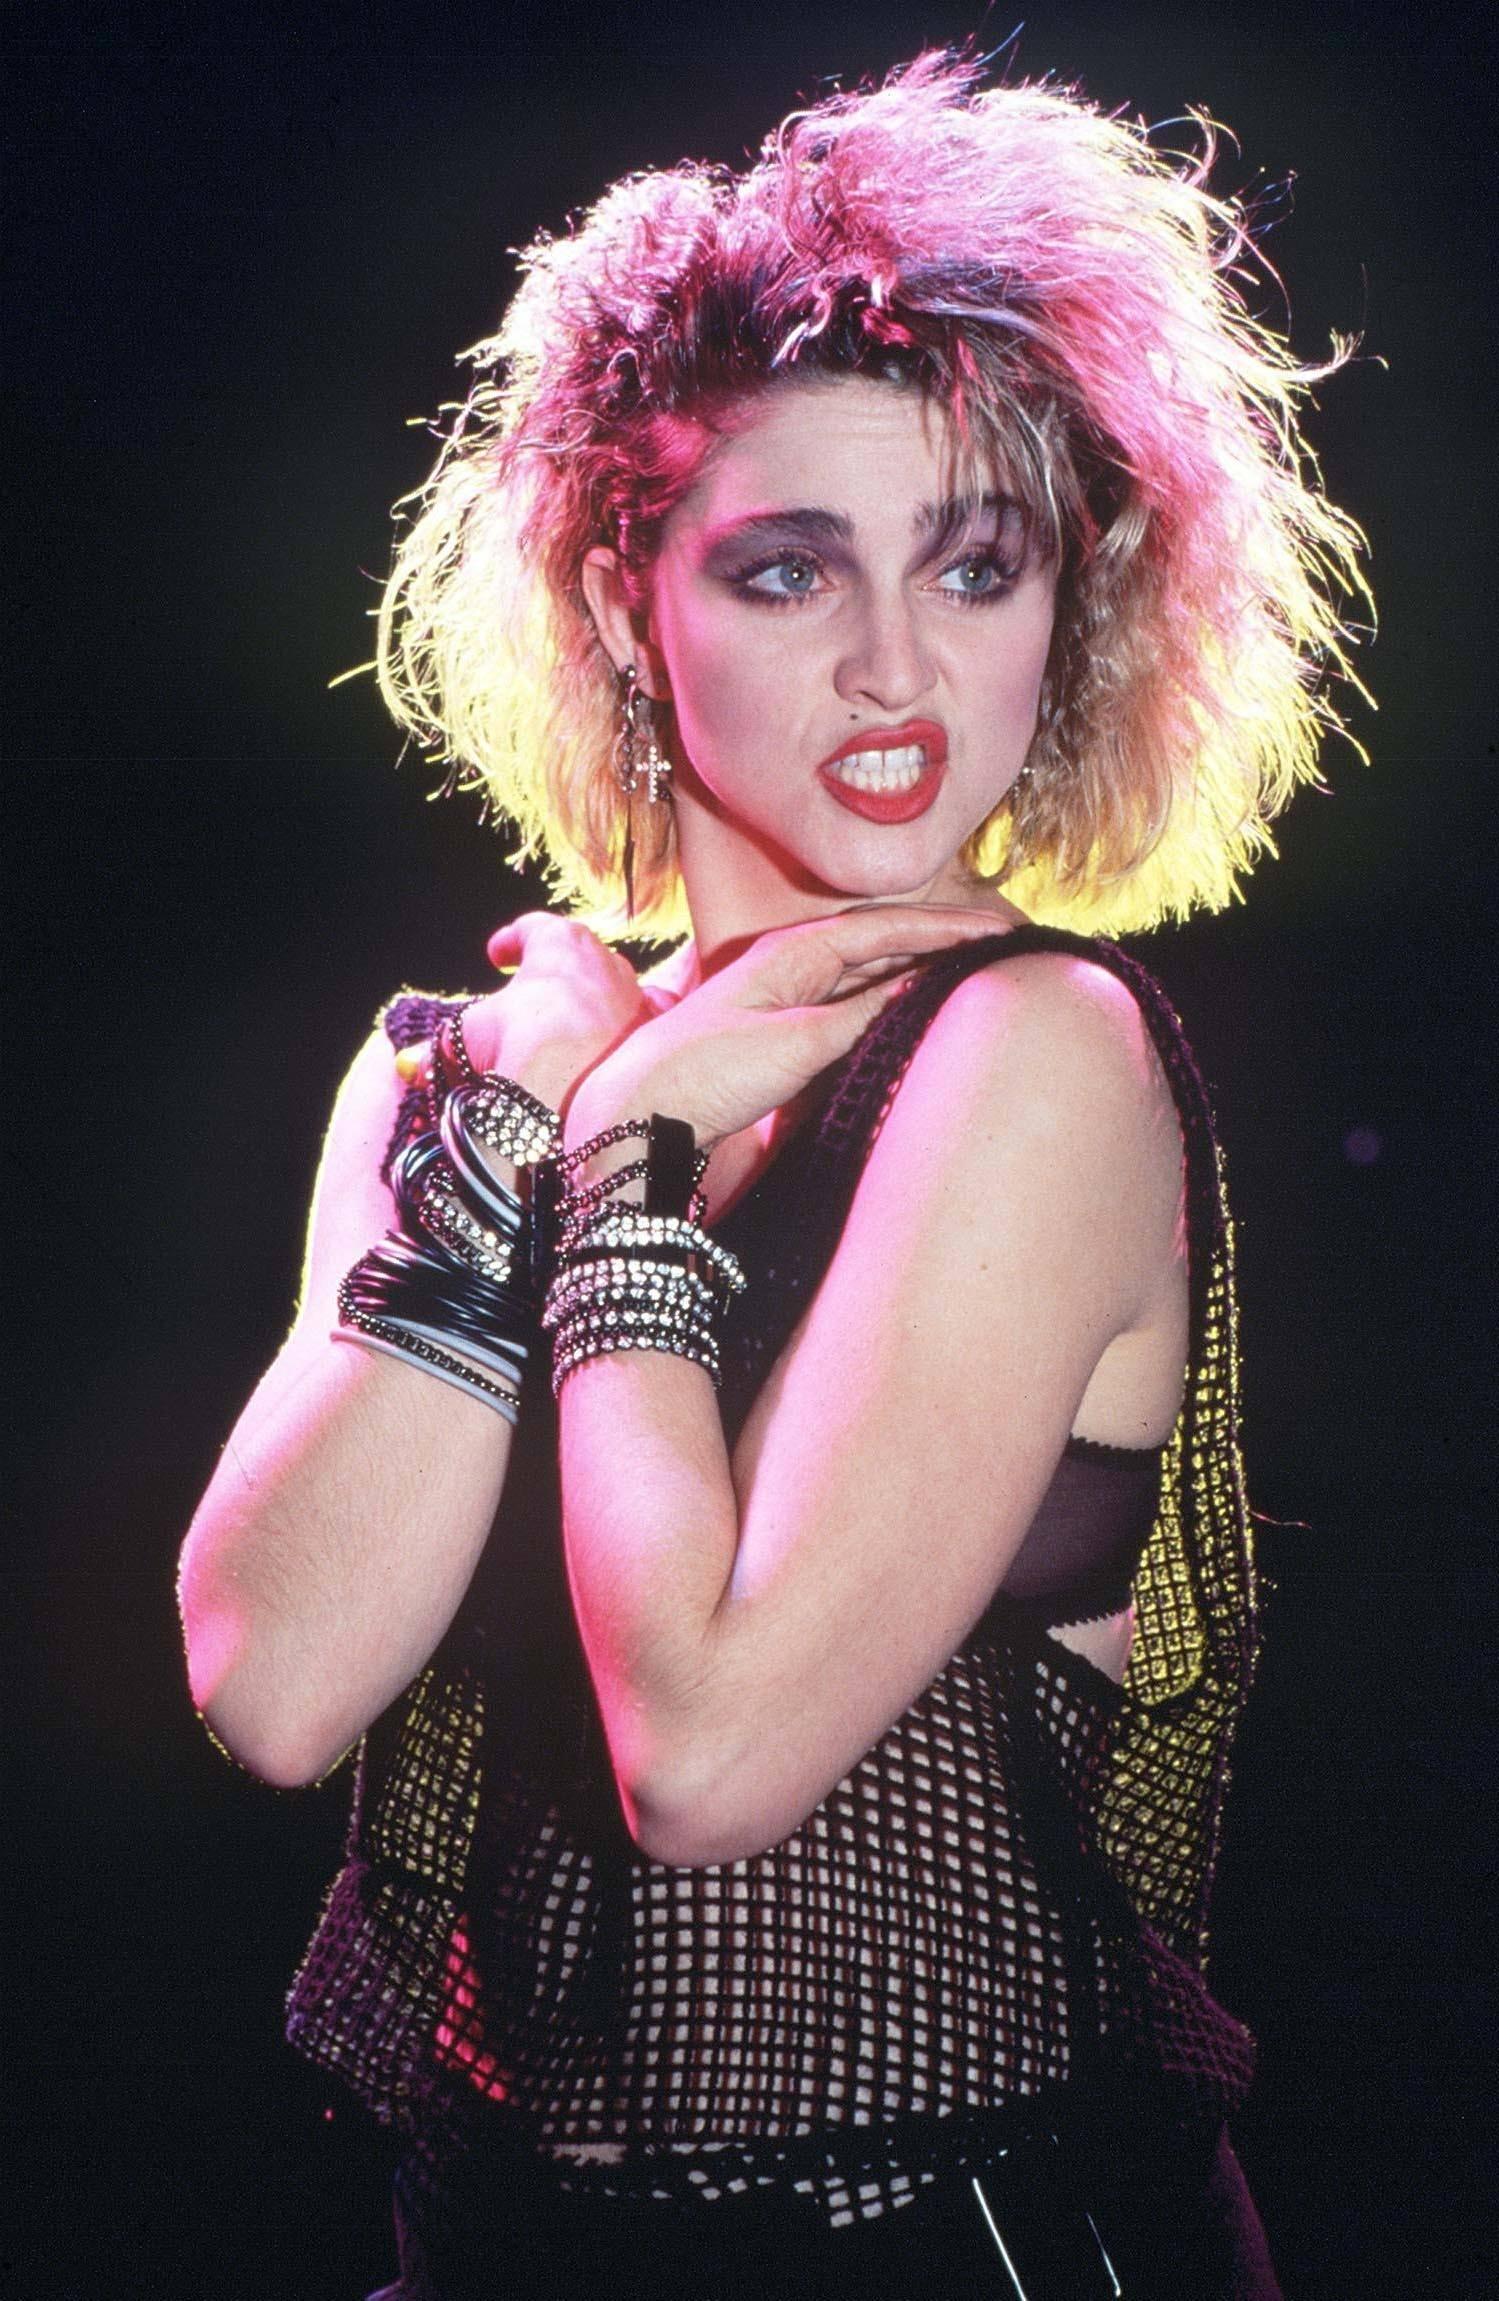 Madonna con pelo despeinado